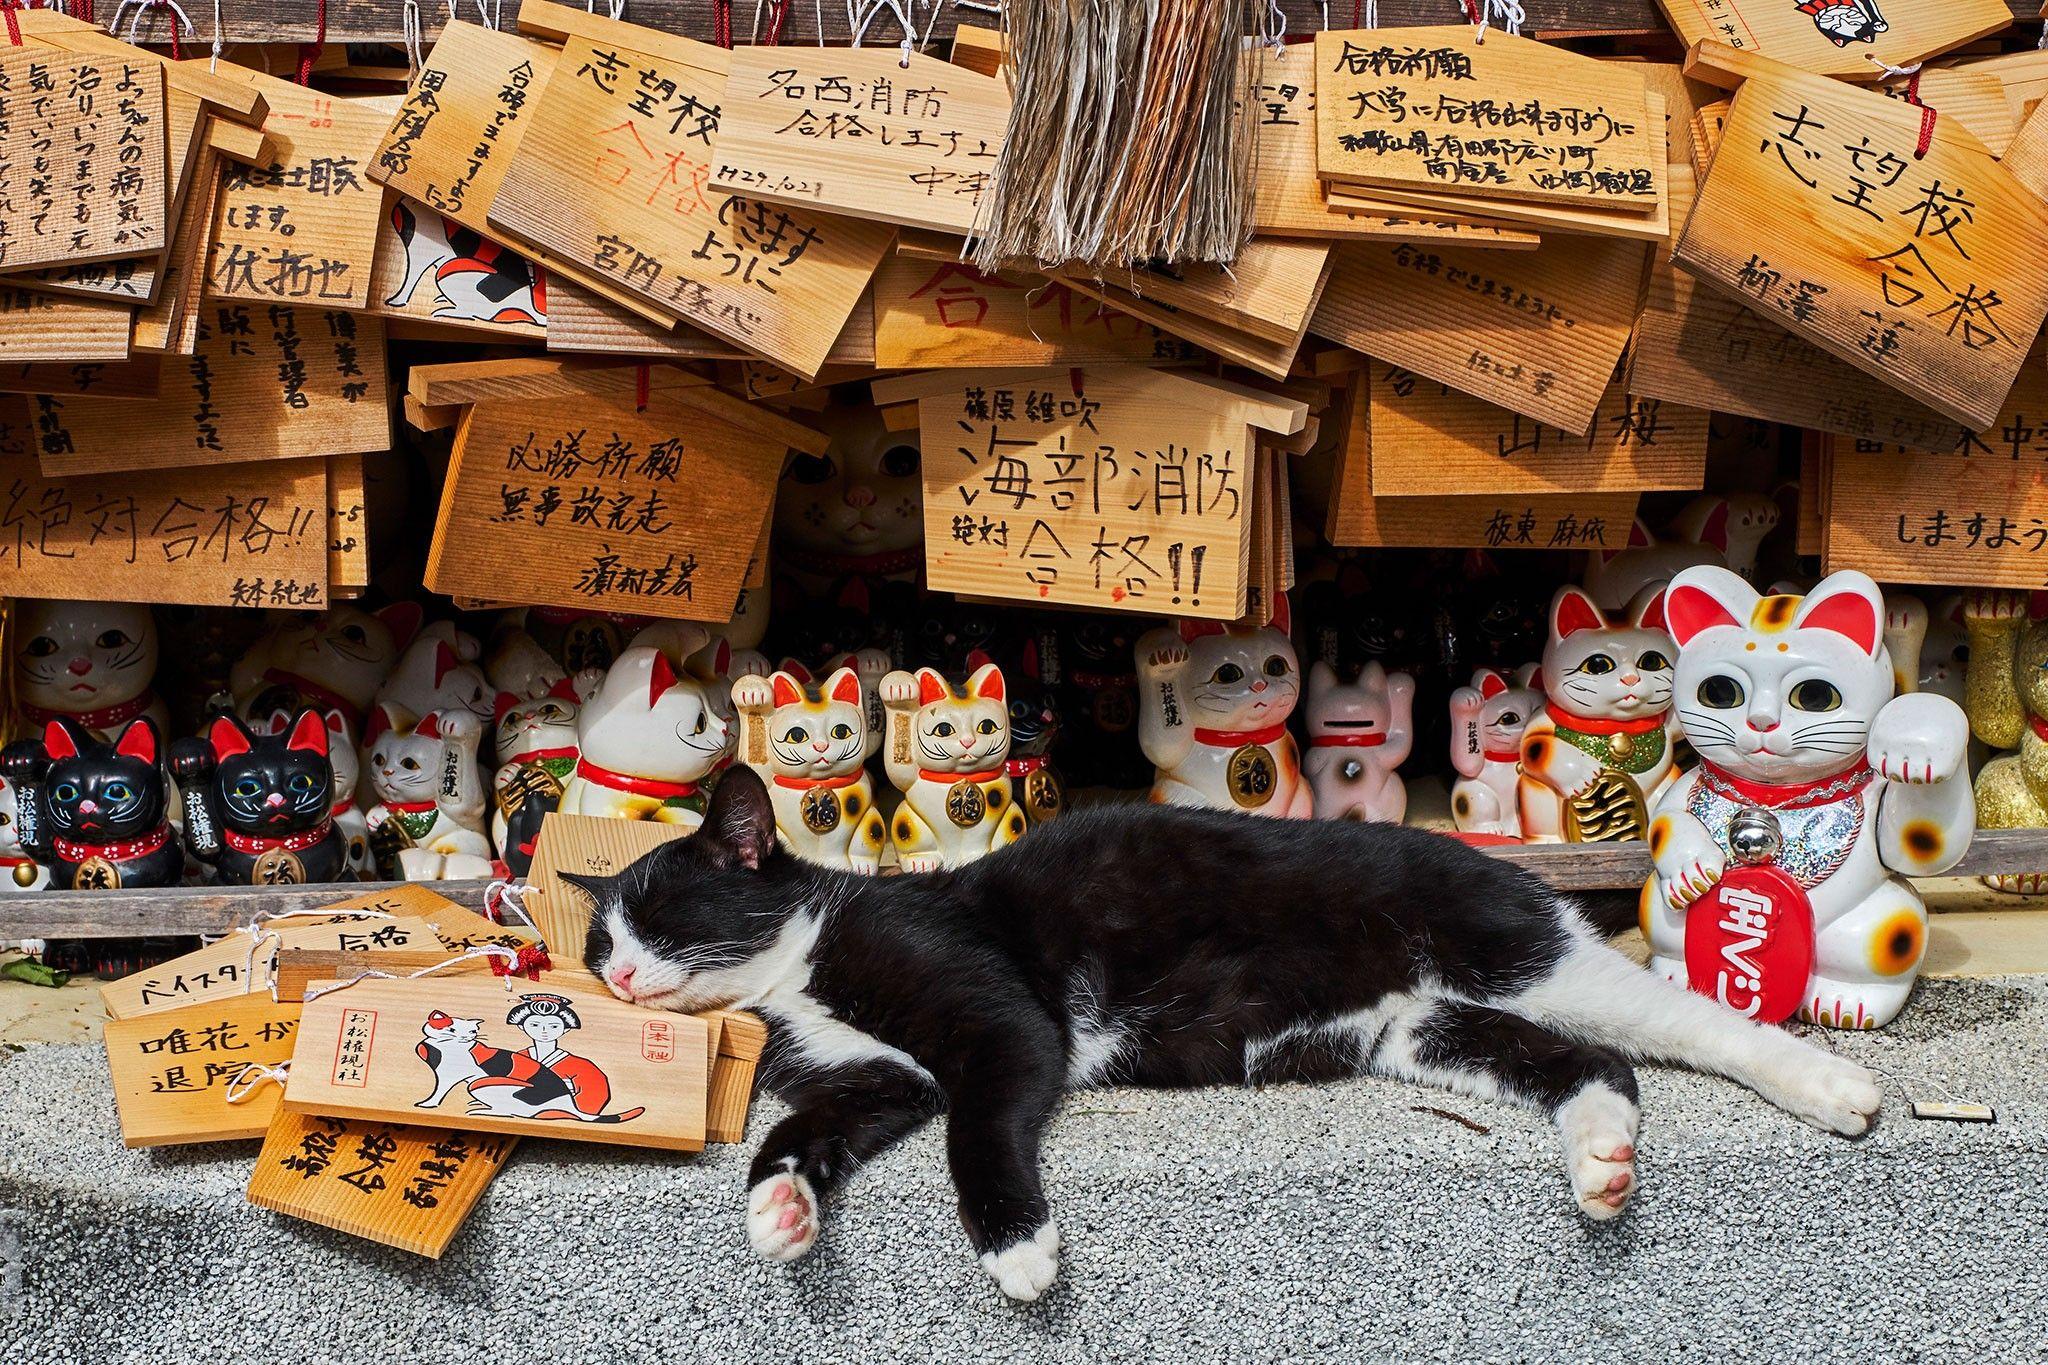 Auf Samtpfoten durch die Welt: Das Leben der Straßenkatzen   National Geographic